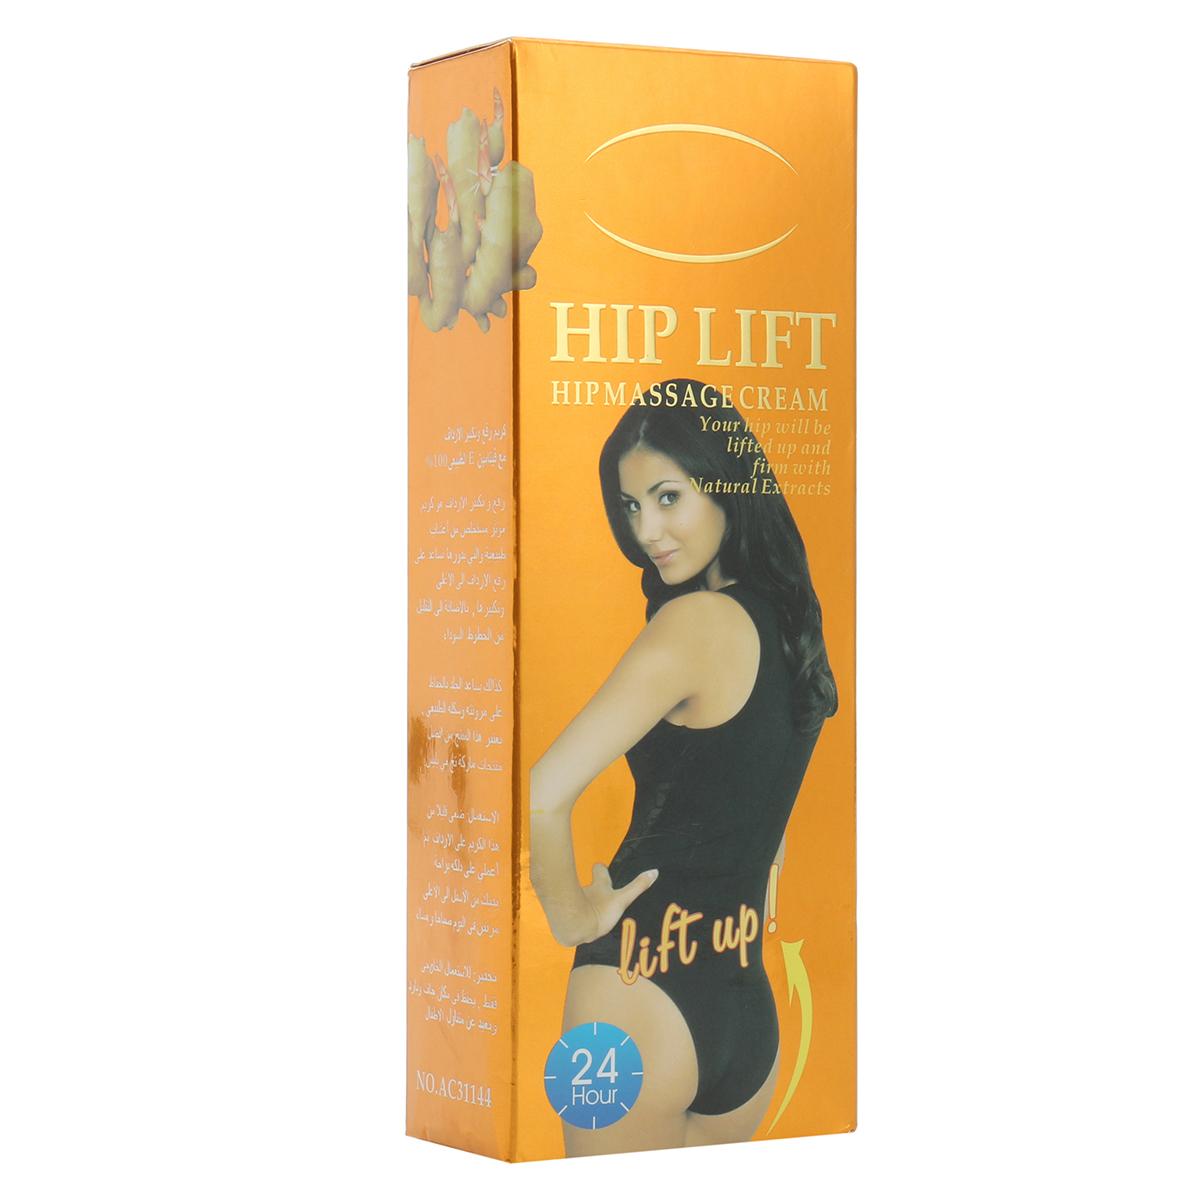 Effective Ginger Hip Lift Up Cream Buttock Massage Enlargement Bigger Ass Cellulite